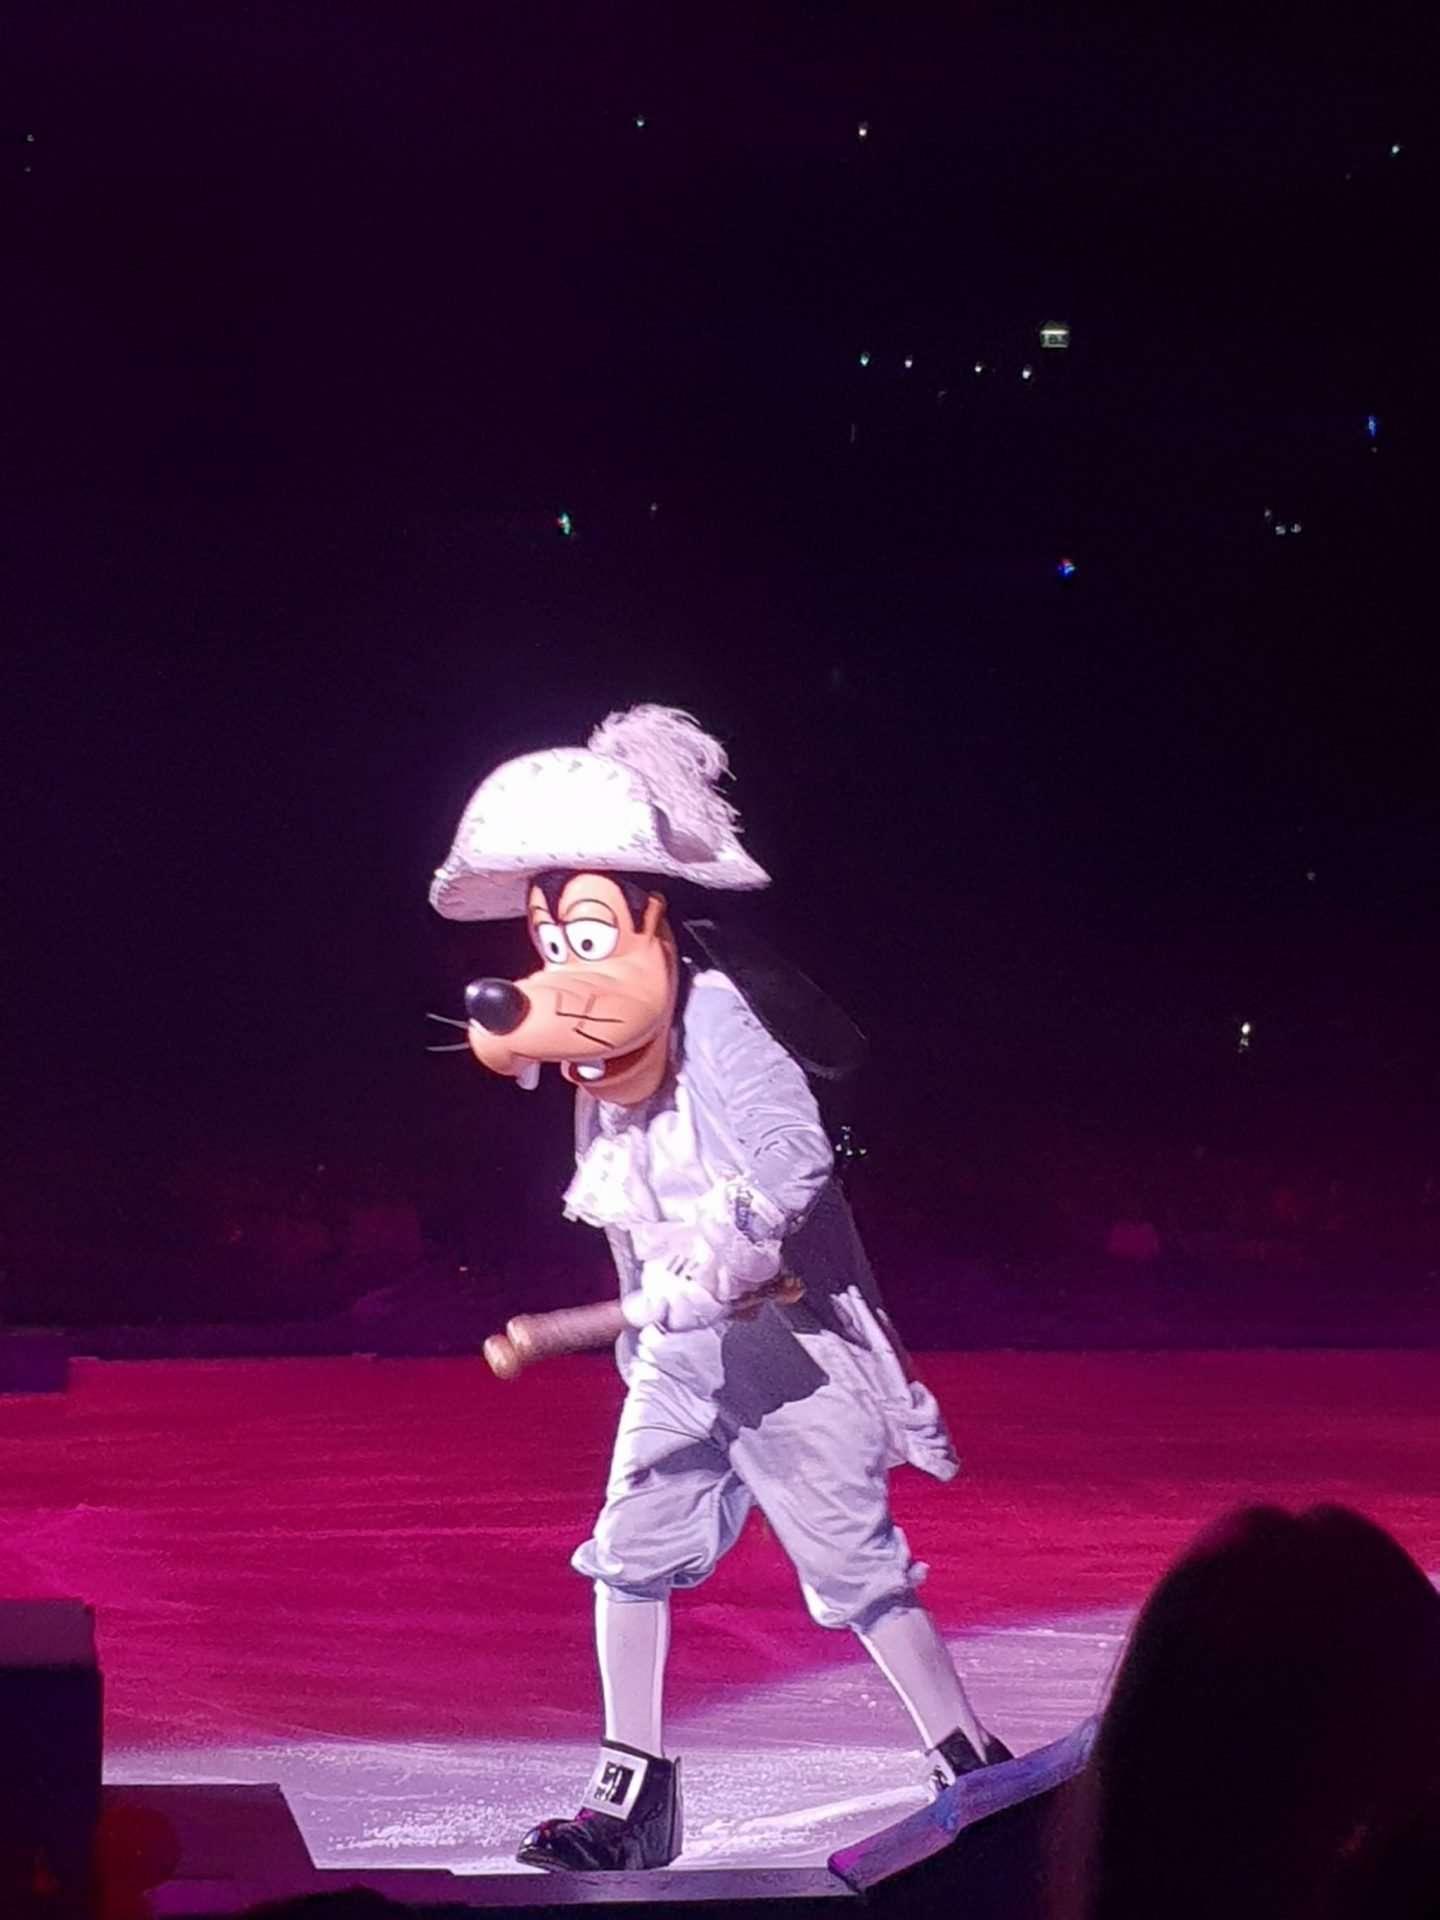 Disney's Goofy